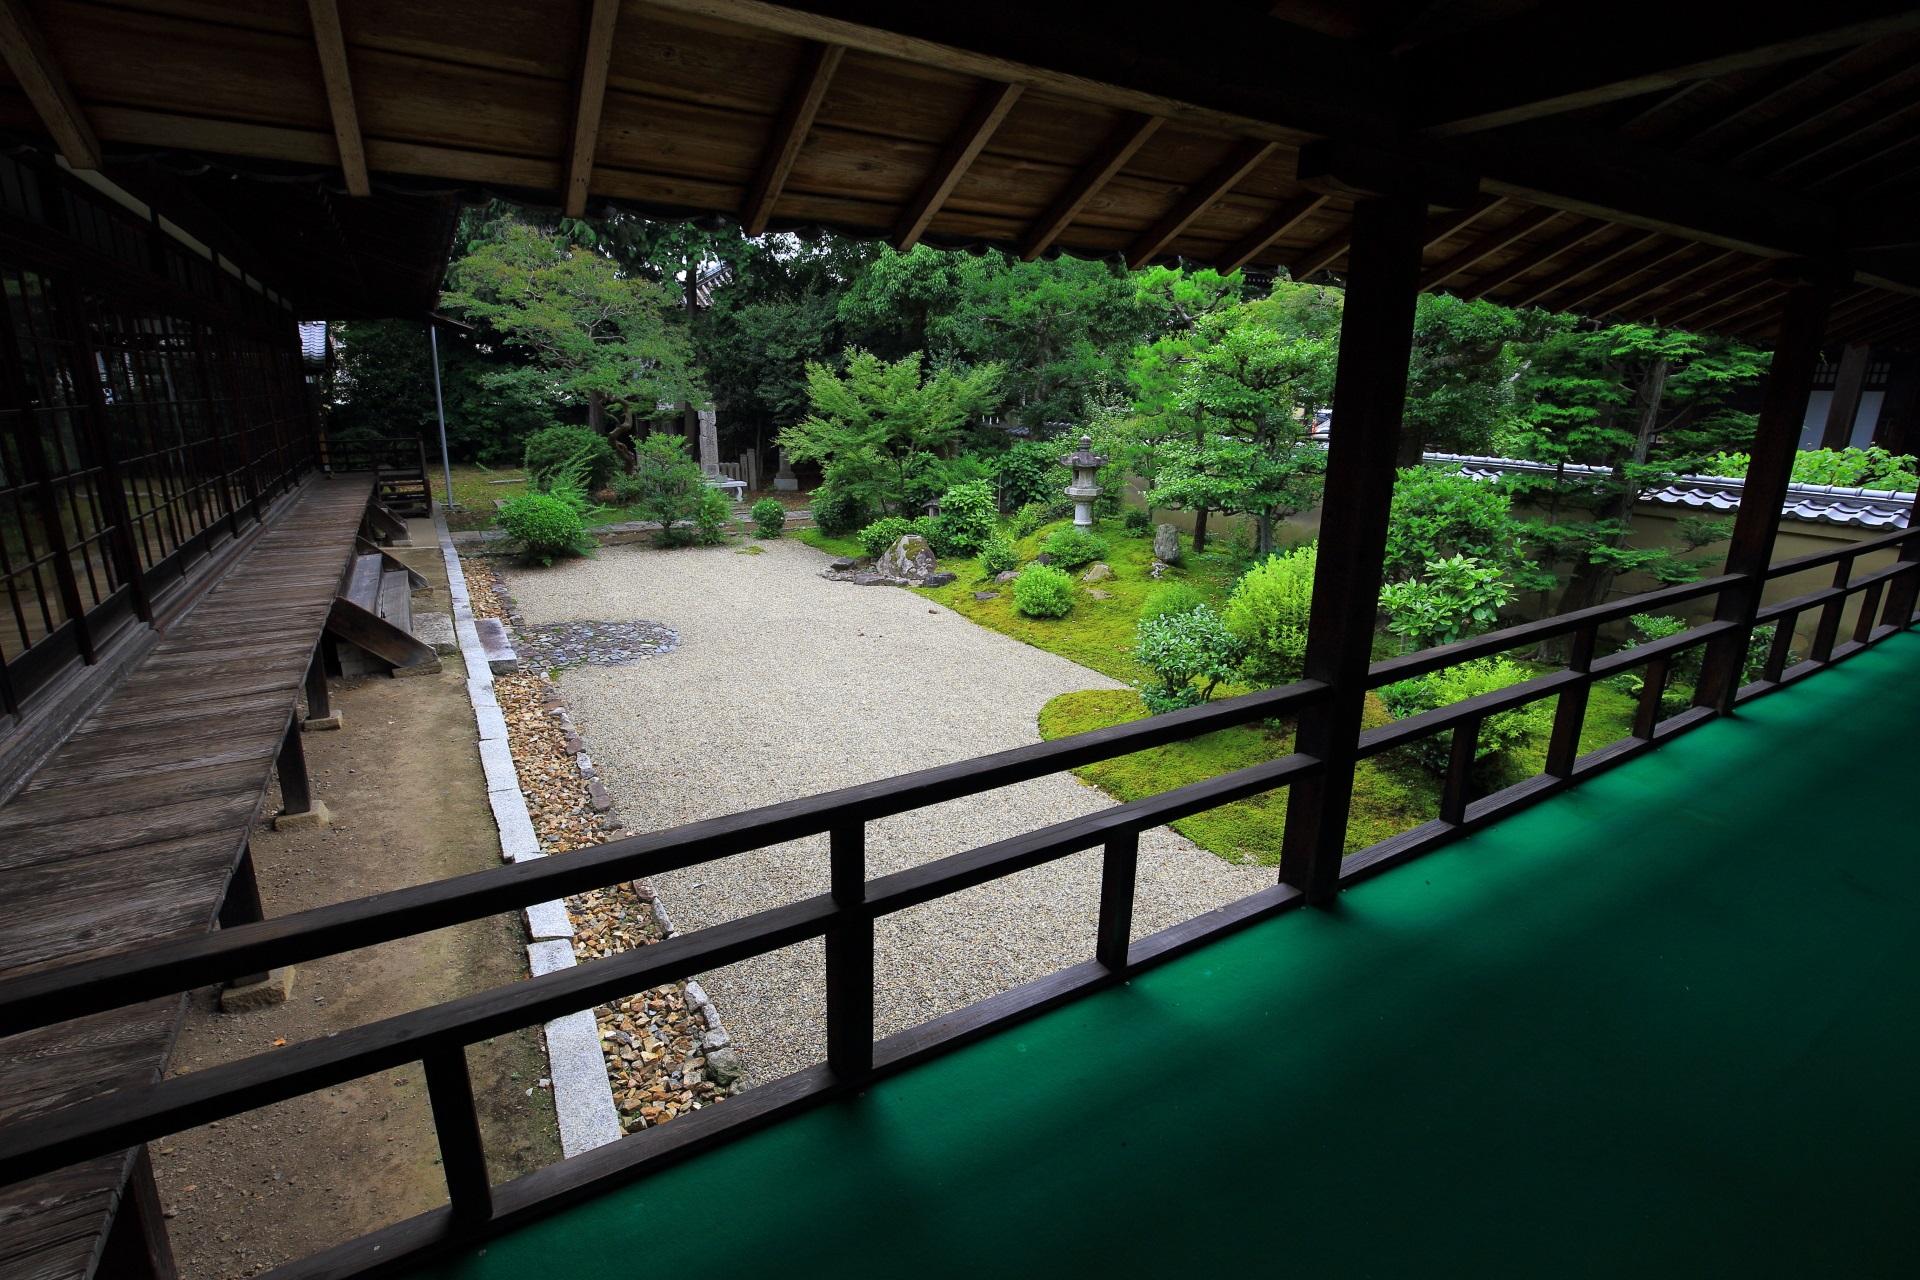 立本寺の客殿南側の龍華苑(りゅうげえん)